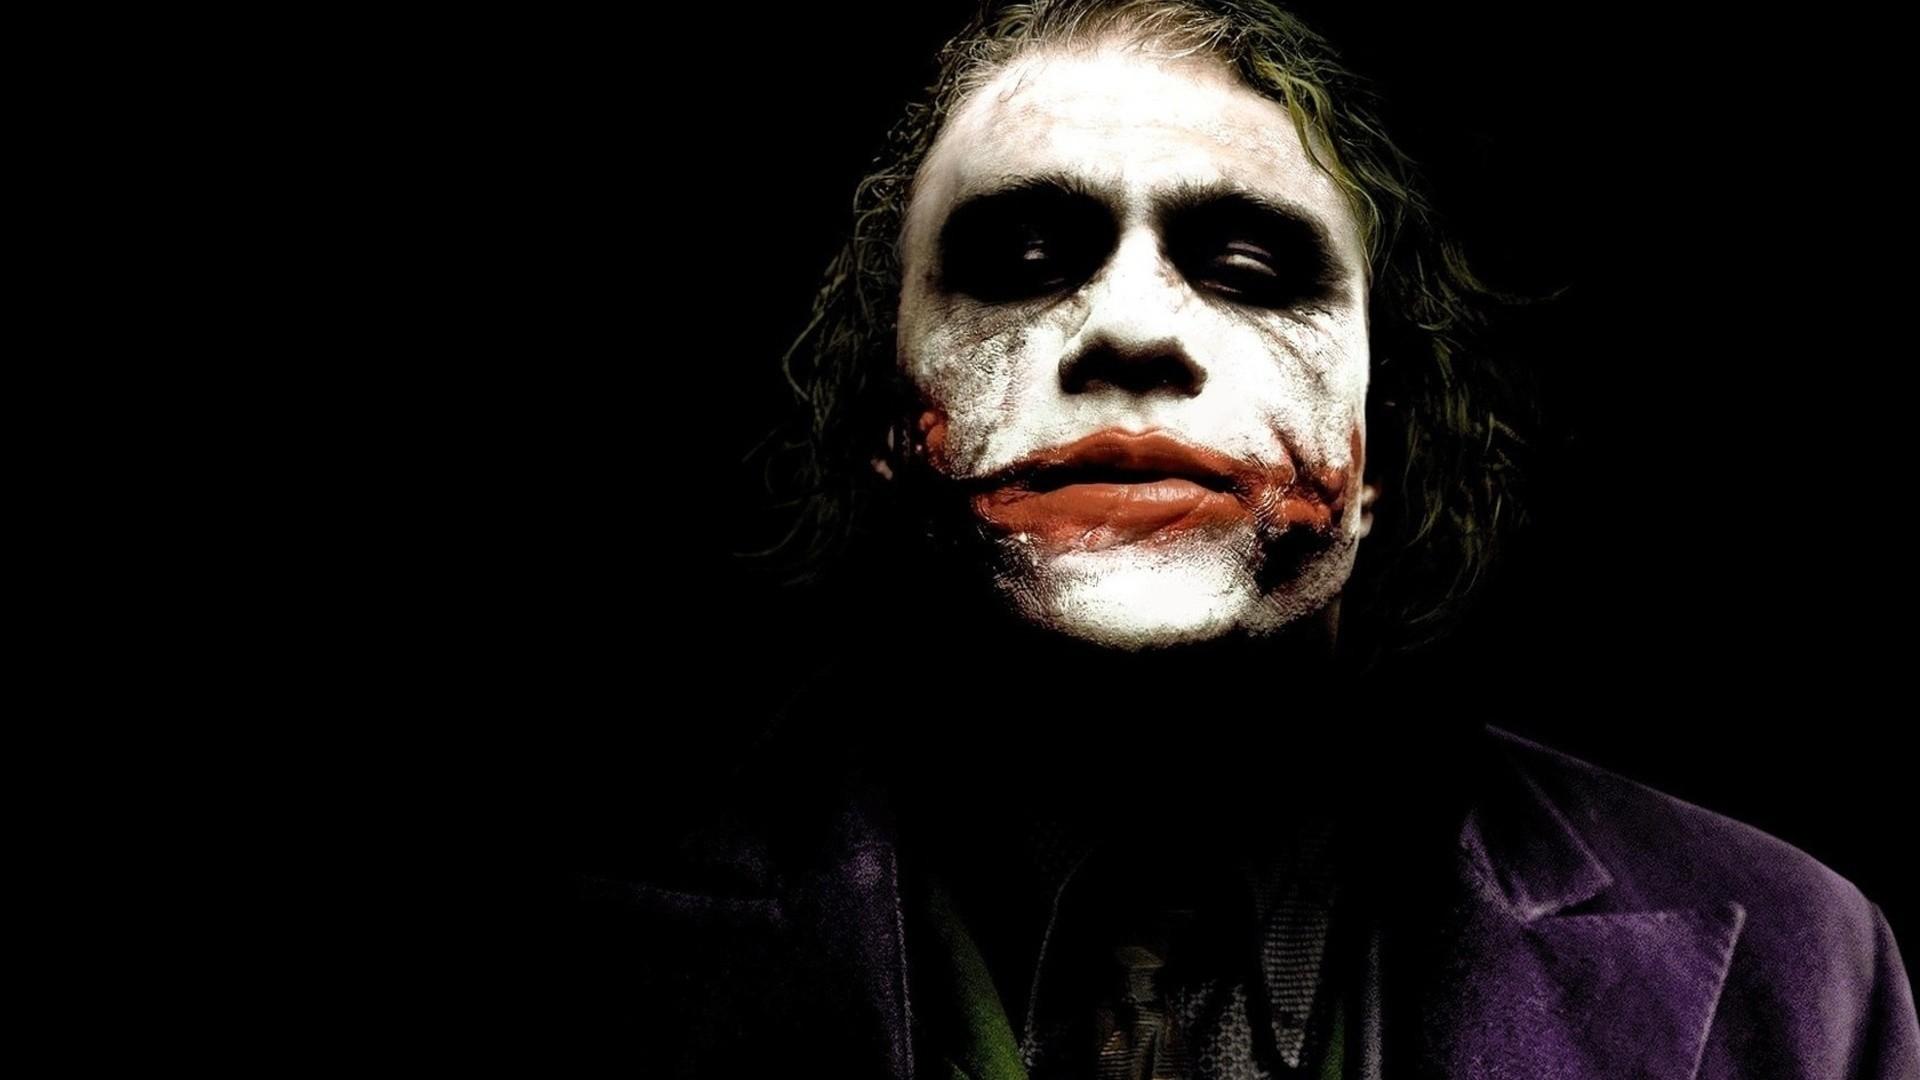 1920x1080 Hd Heath Ledger Joker Wallpaper Was